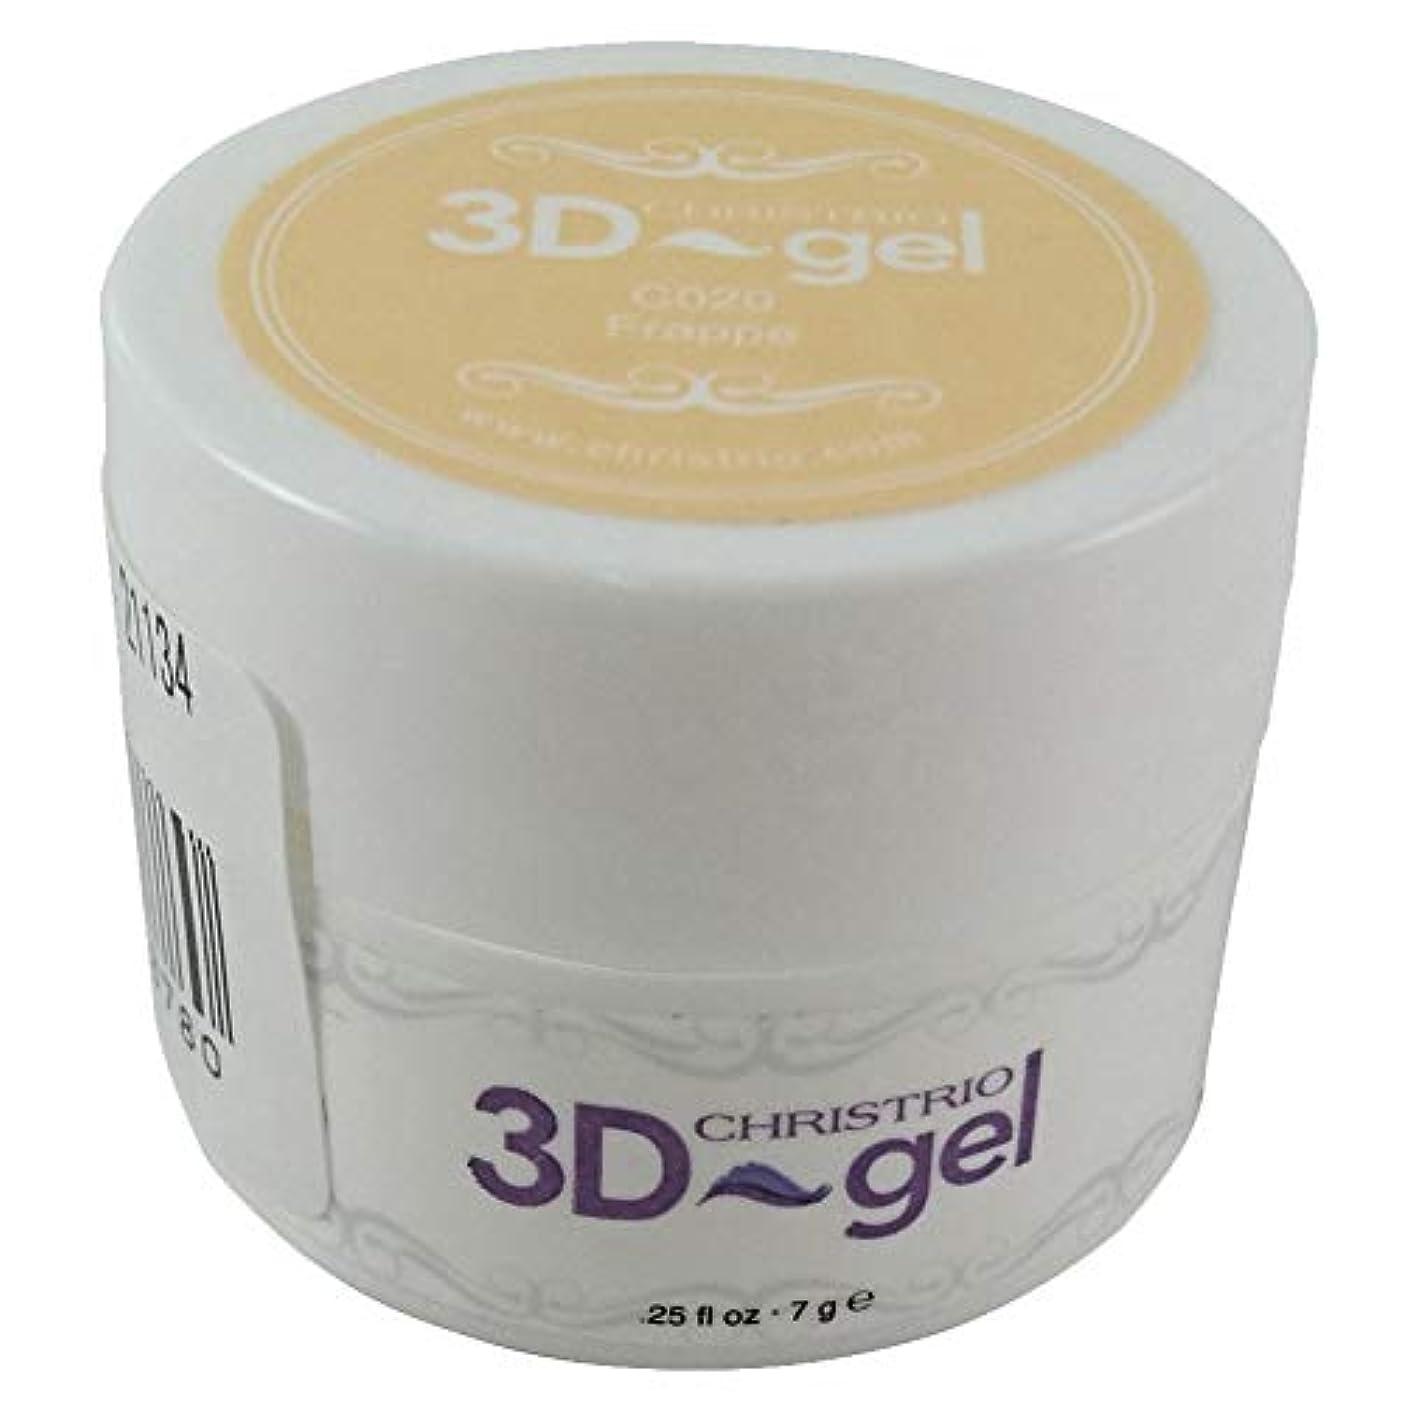 公式ミニチュア本質的ではないCHRISTRIO 3Dジェル 7g C020 フラッペ